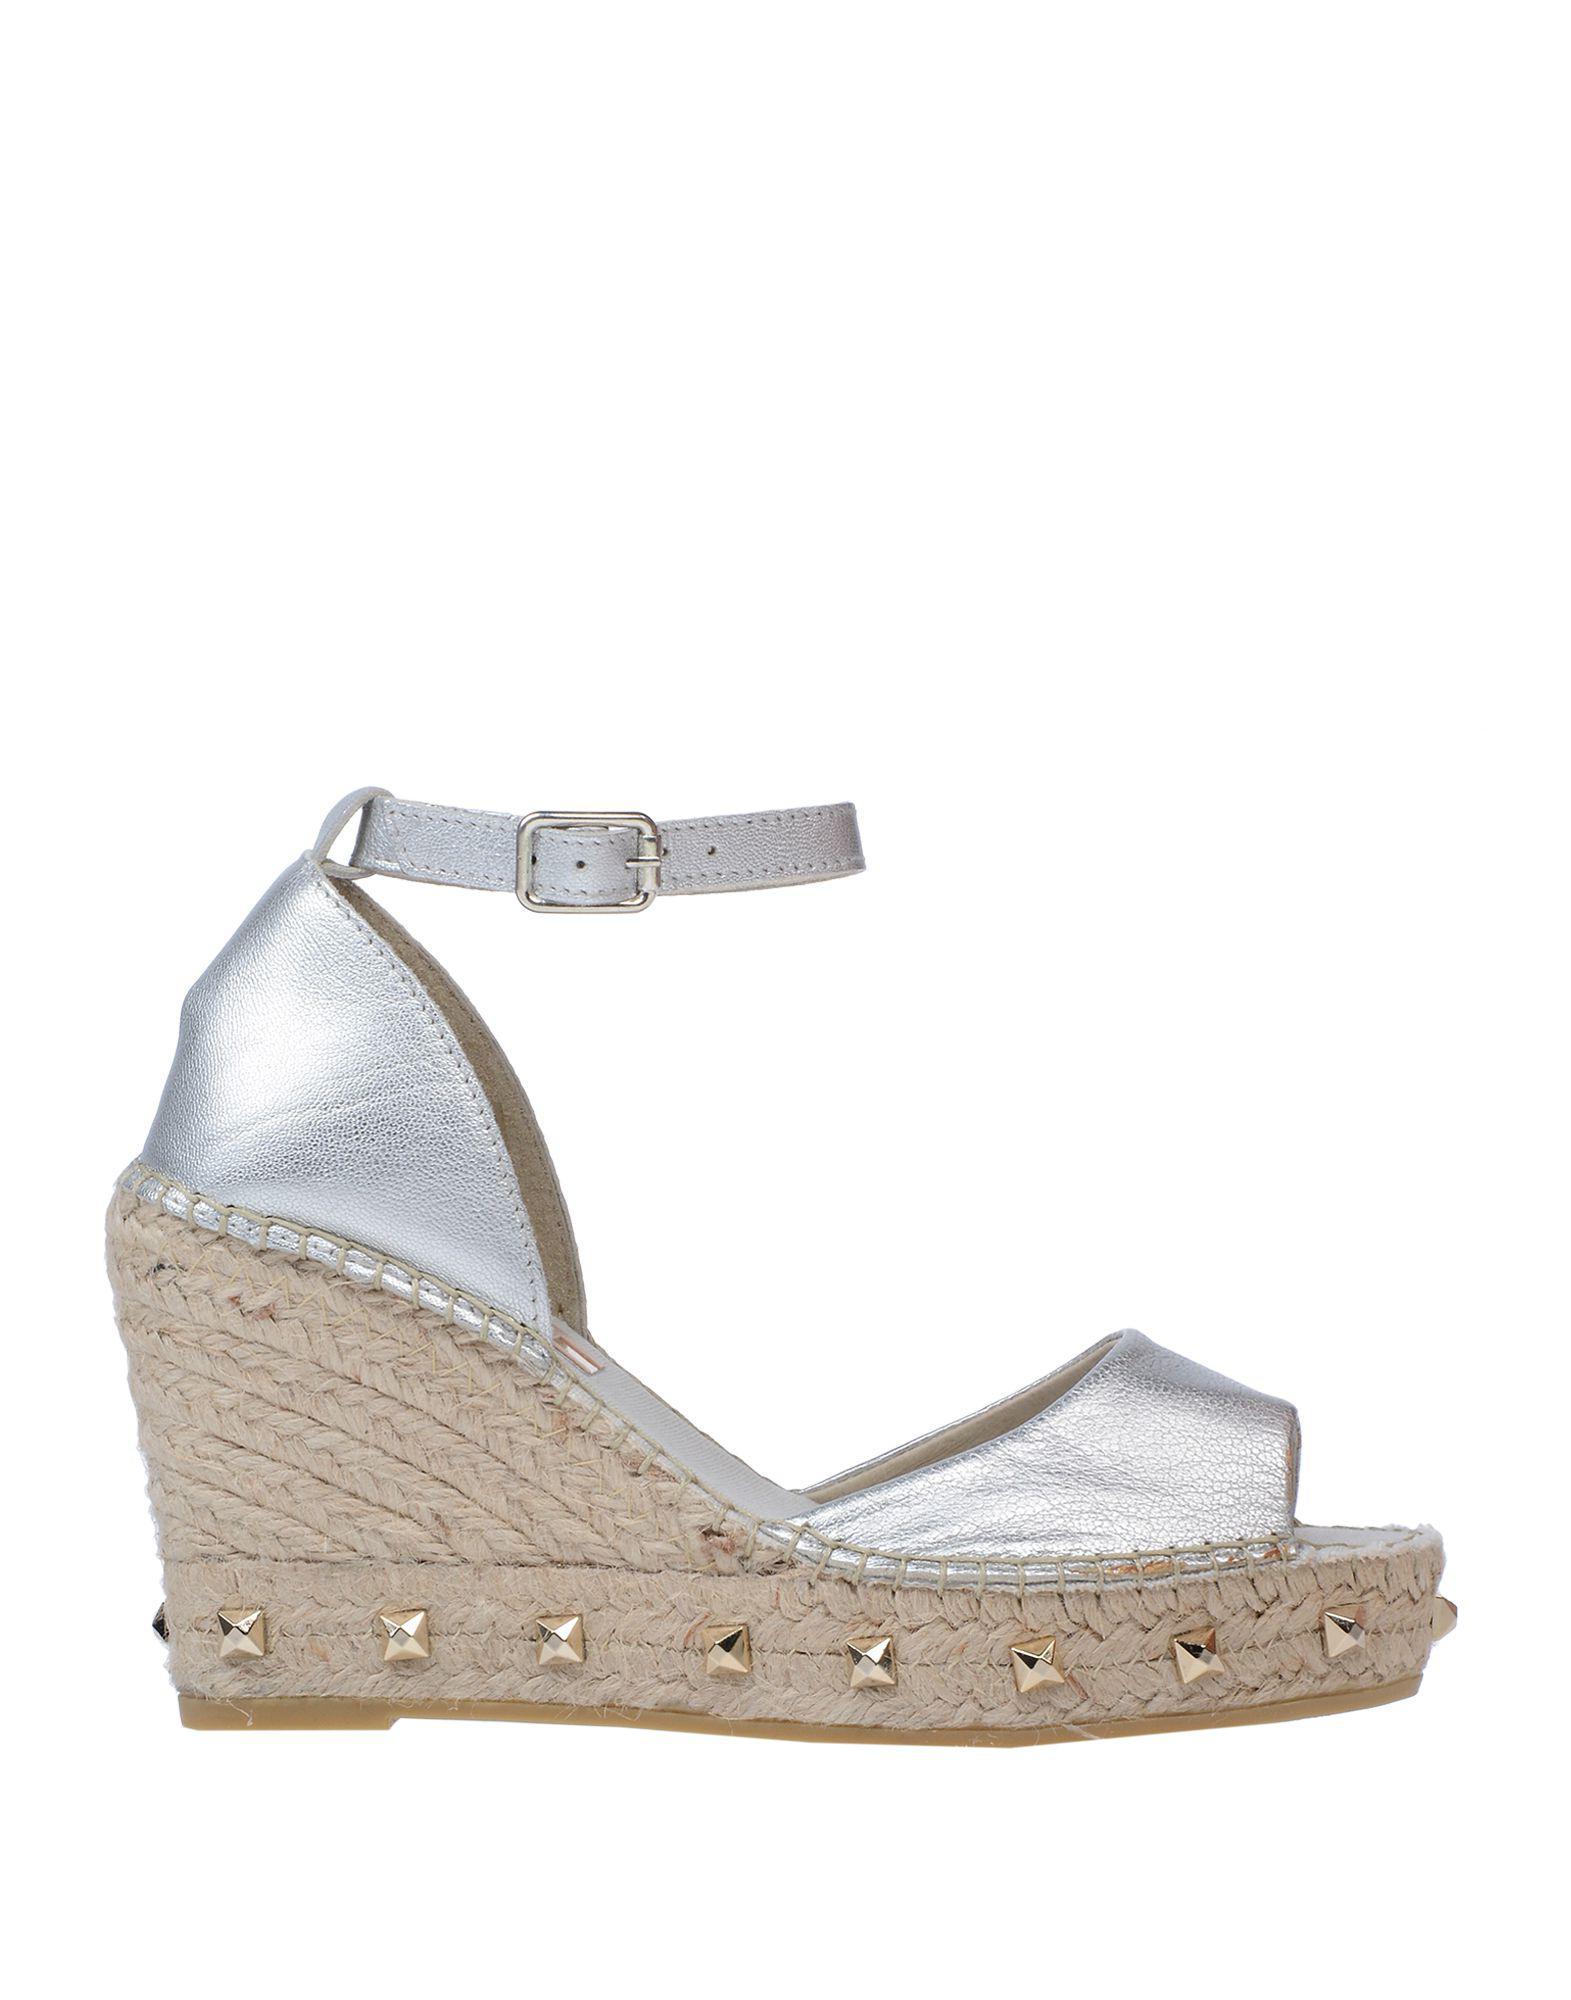 1dbe59d69efbb Lyst - Vidorreta Sandals in Metallic